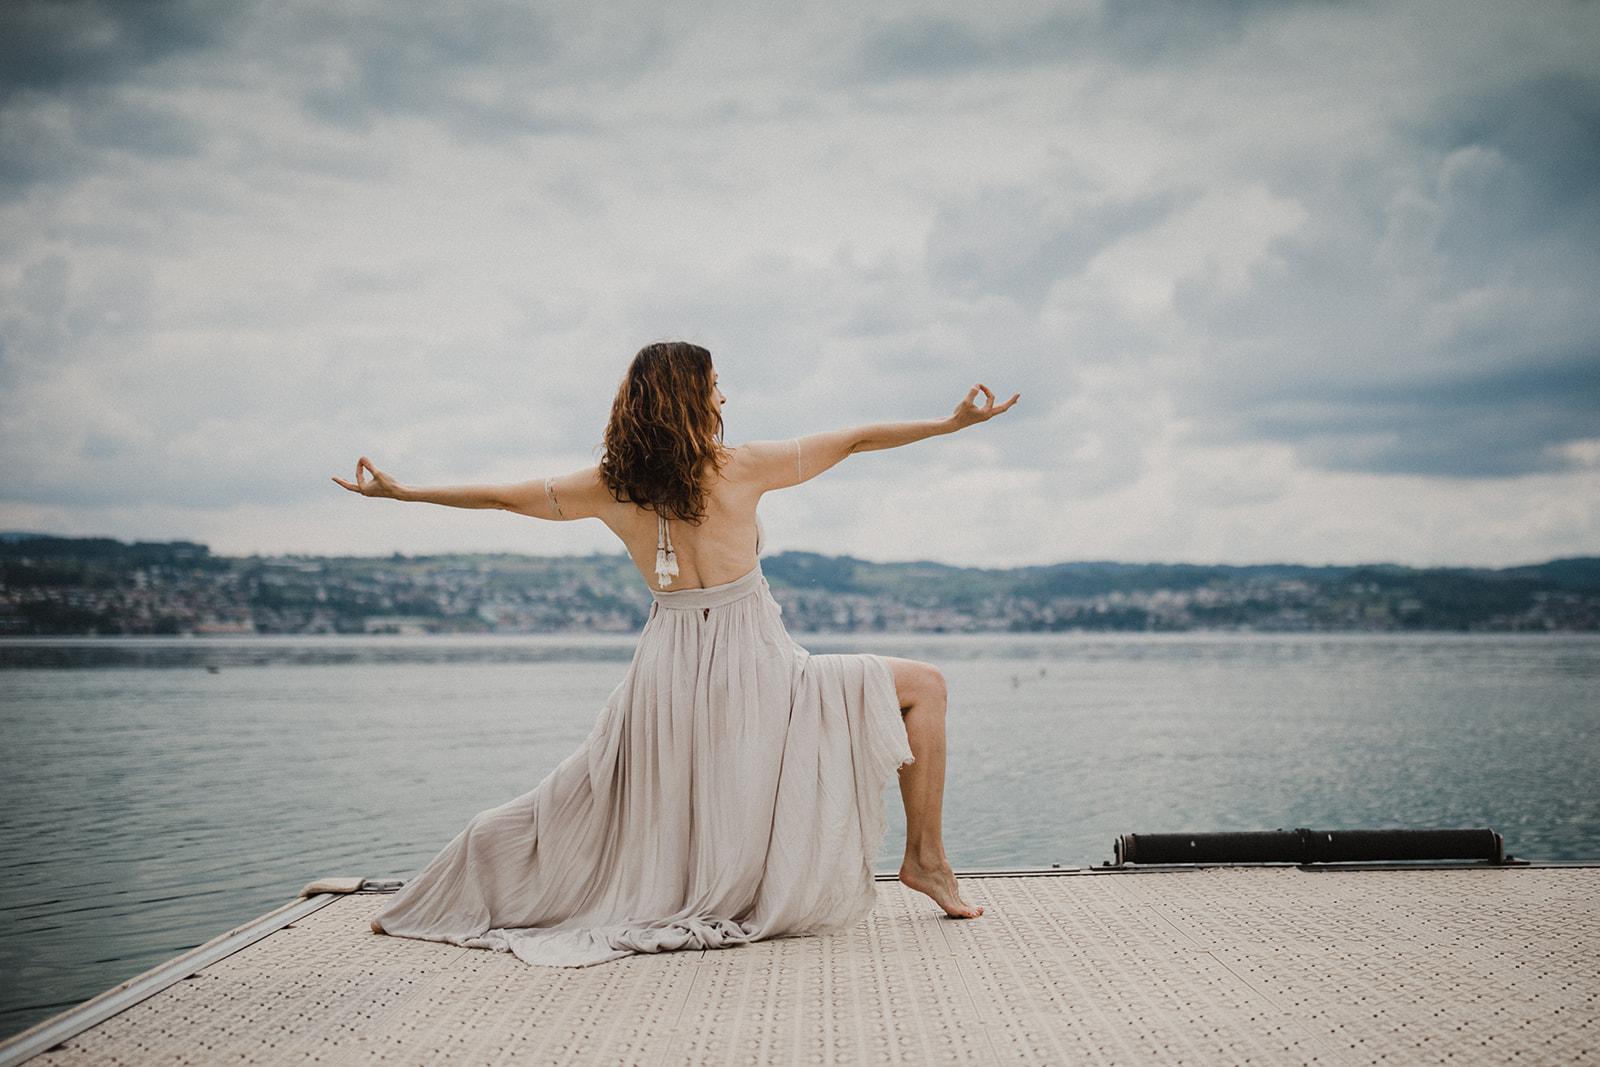 Fotographie: Géraldine Leblanc - Namasté Yoga Photography